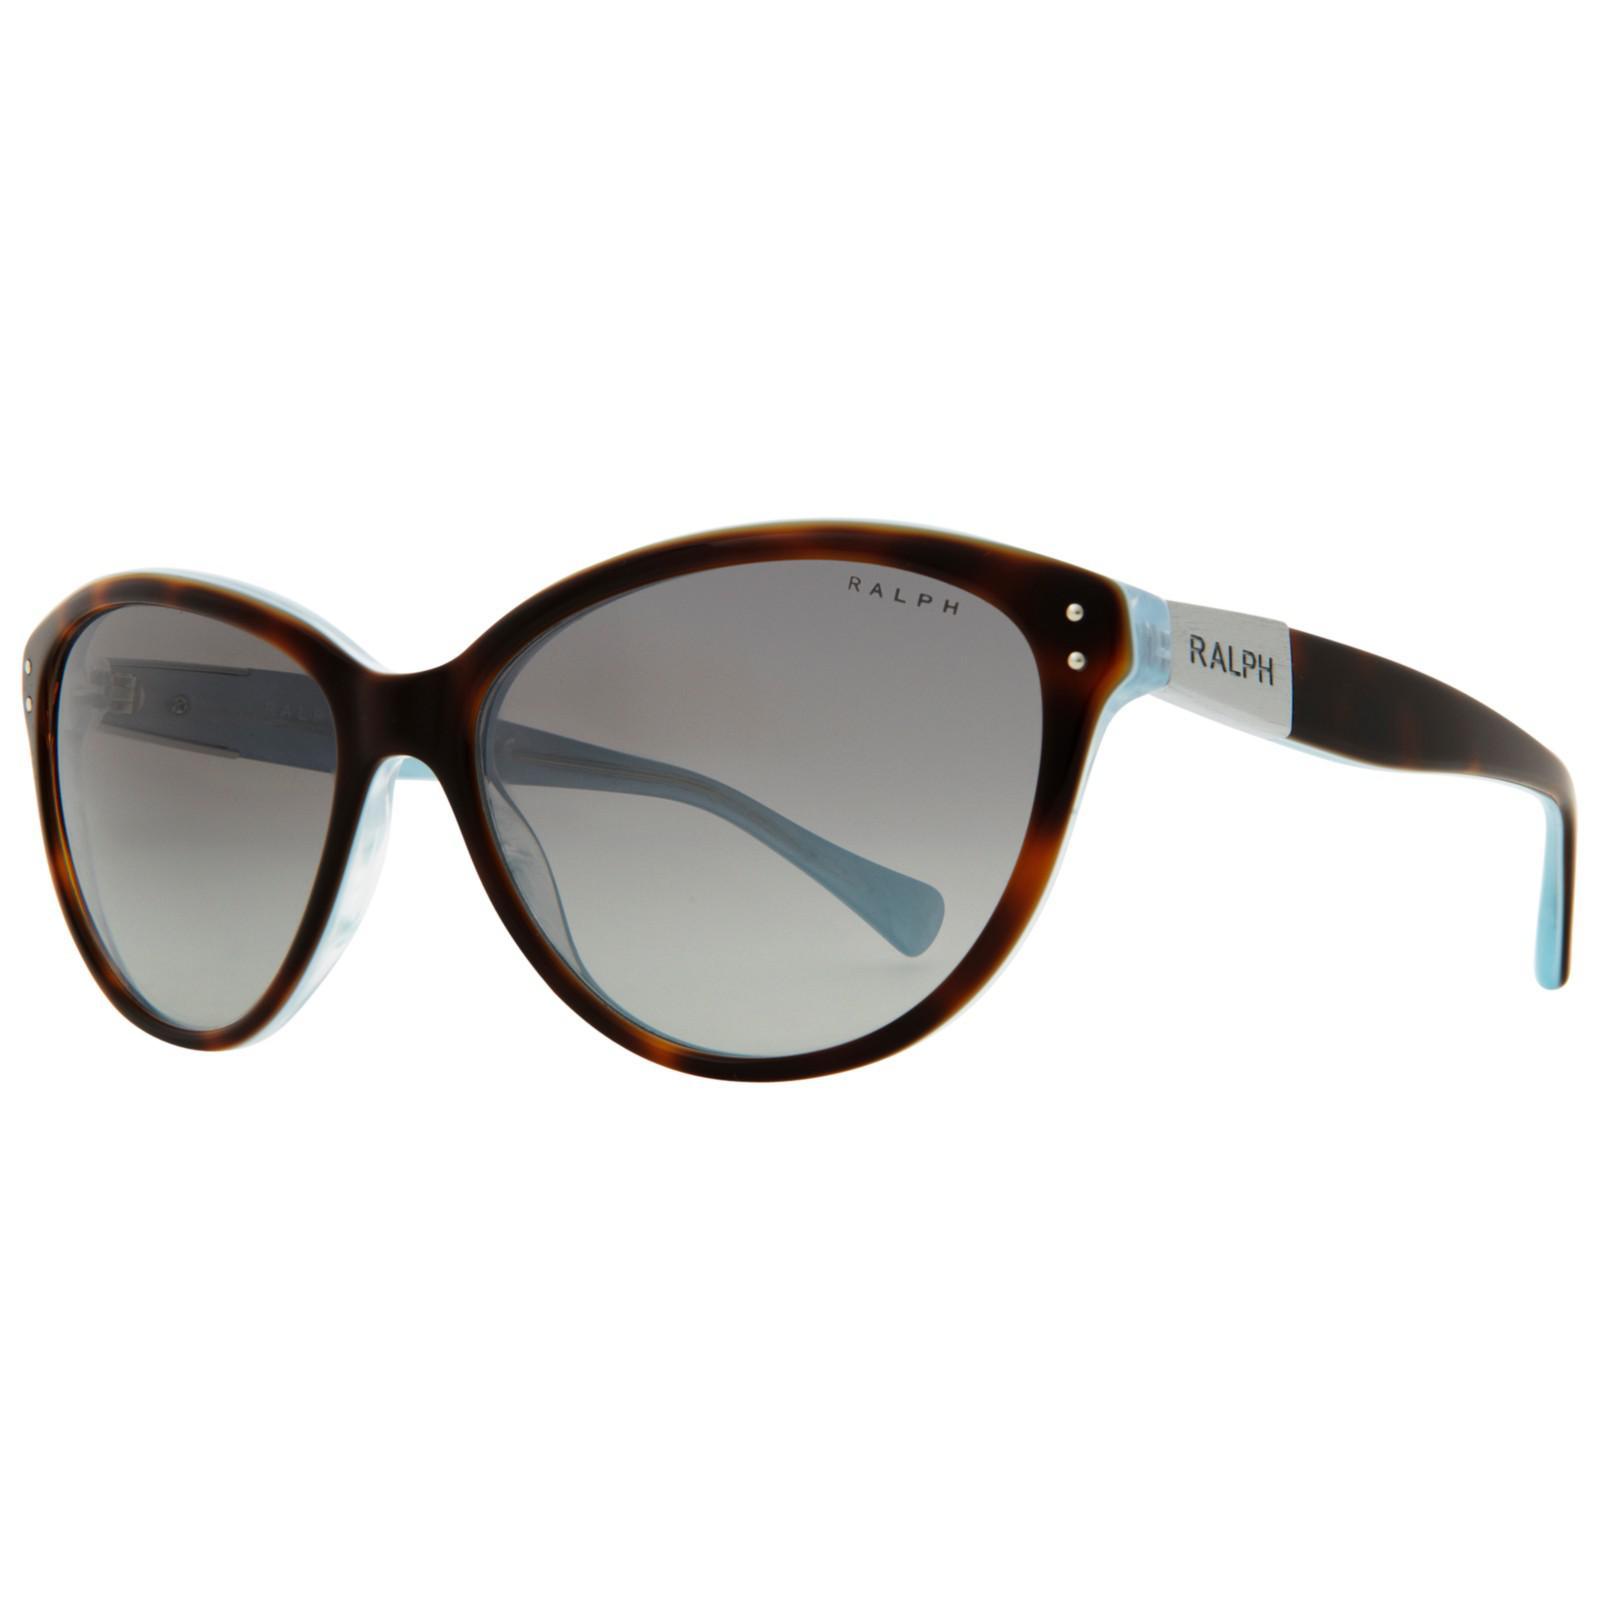 a0dee49154 Ralph Lauren Ralph Ra5168 Cat s Eye Framed Sunglasses in Gray - Lyst